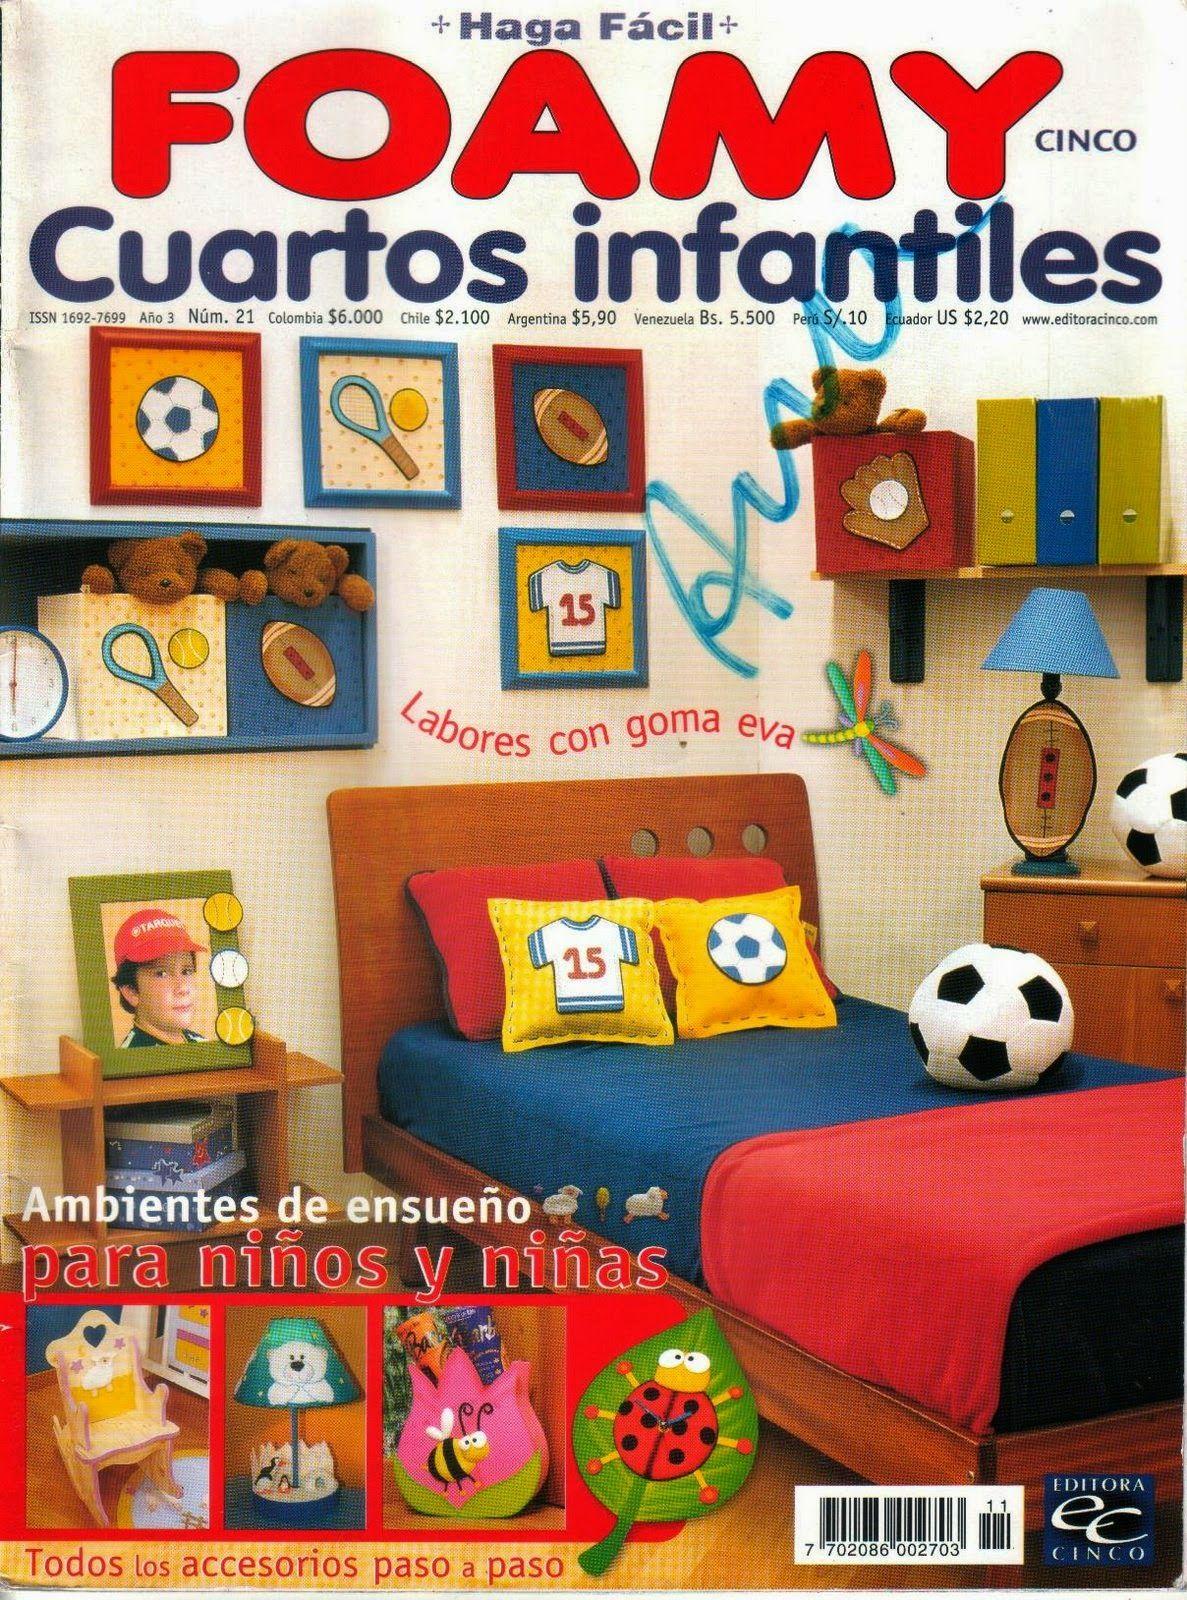 Revistas de decoracion de interiores gratis libro leer revista color estante estante para - Libros de decoracion de interiores gratis ...